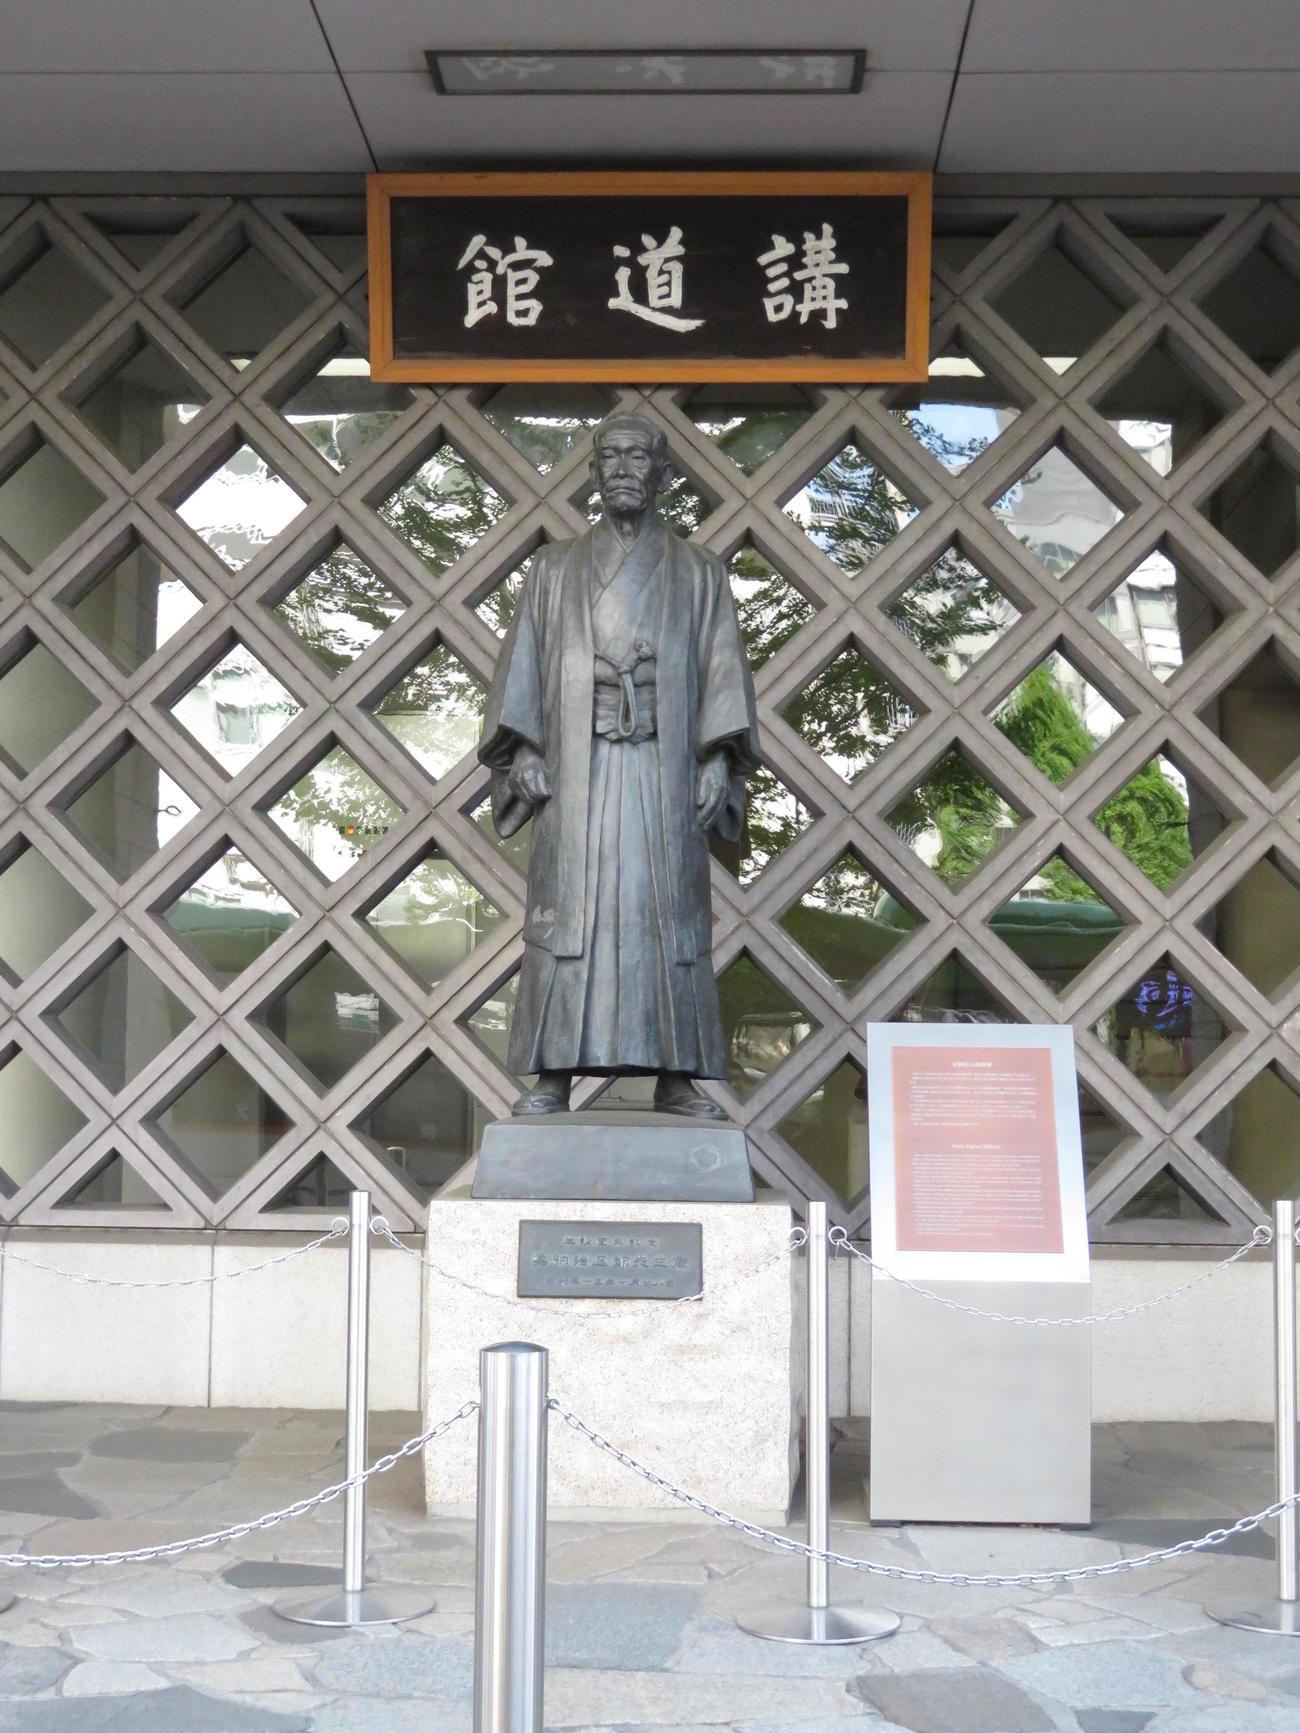 講道館本館前にある嘉納治五郎の銅像(撮影・峯岸佑樹)